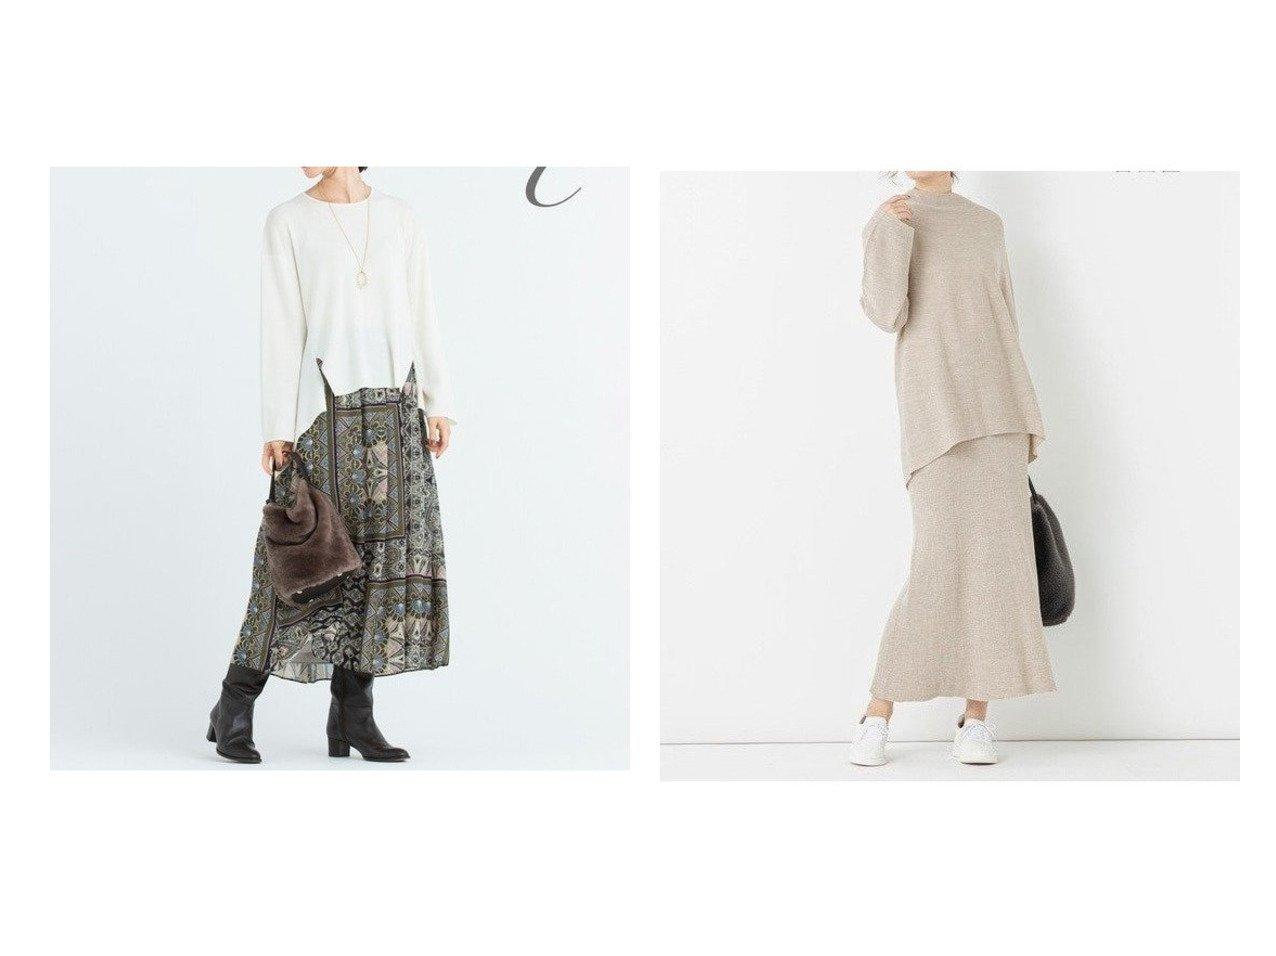 【JIYU-KU/自由区】の【UNFILO】RICH WOOL BLEND ニット スカート&【Class Lounge】PARISIAN FLOORS スカート スカートのおすすめ!人気、レディースファッションの通販 おすすめで人気のファッション通販商品 インテリア・家具・キッズファッション・メンズファッション・レディースファッション・服の通販 founy(ファニー) https://founy.com/ ファッション Fashion レディース WOMEN スカート Skirt 秋冬 A/W Autumn/ Winter インド コレクション シフォン パウダー フォルム ロング 冬 Winter アクリル セットアップ フィット フレア  ID:crp329100000000982